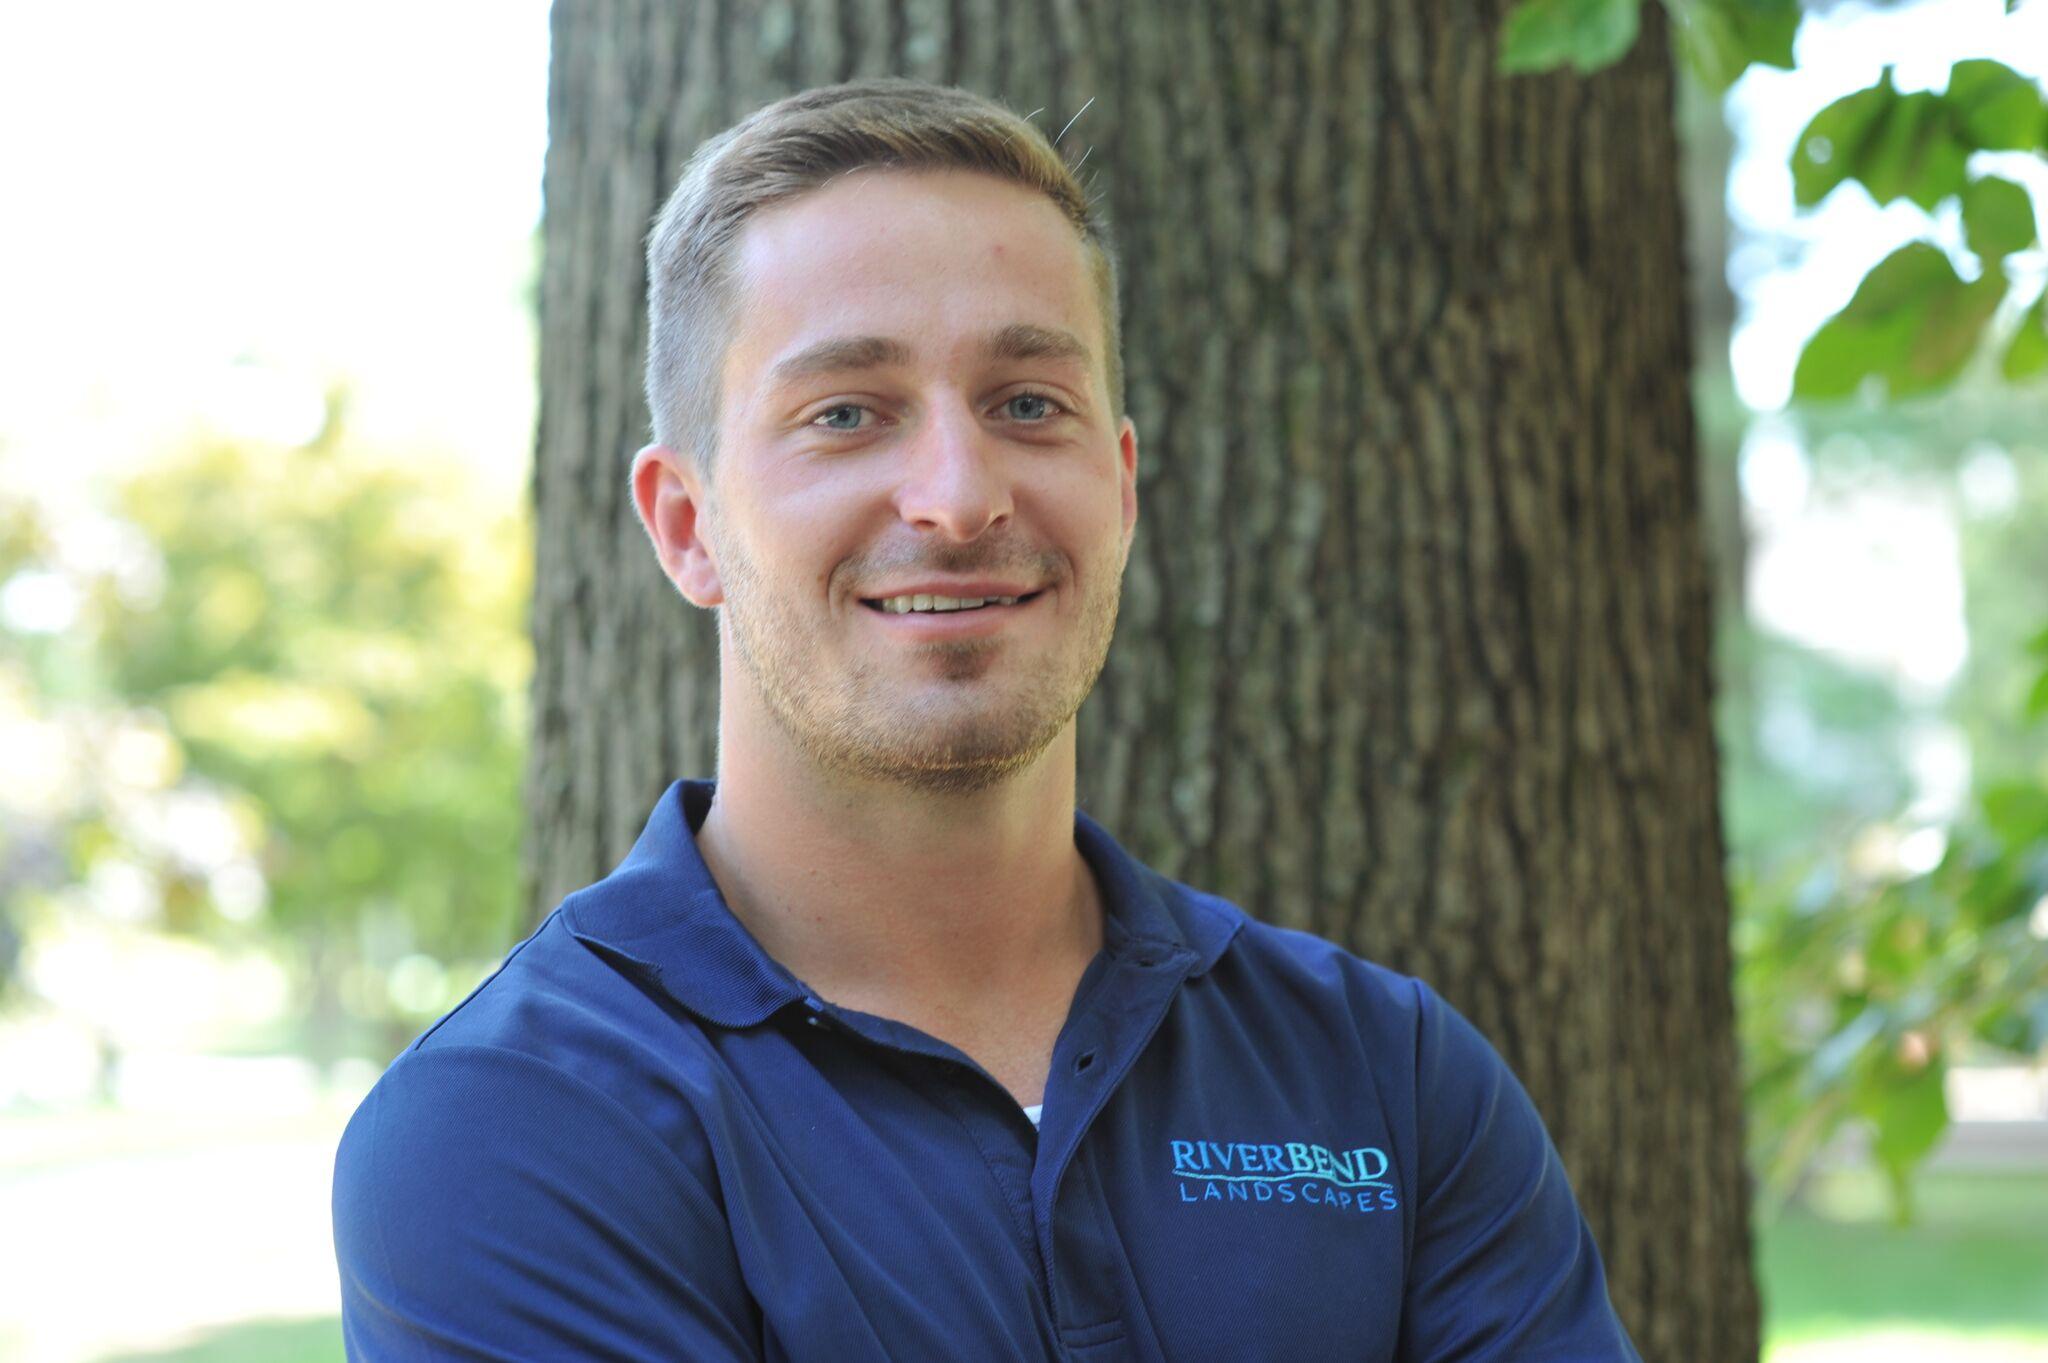 Logan Jones established Riverbend Landscapes, a full-service landscaping company serving in Northern Virginia.